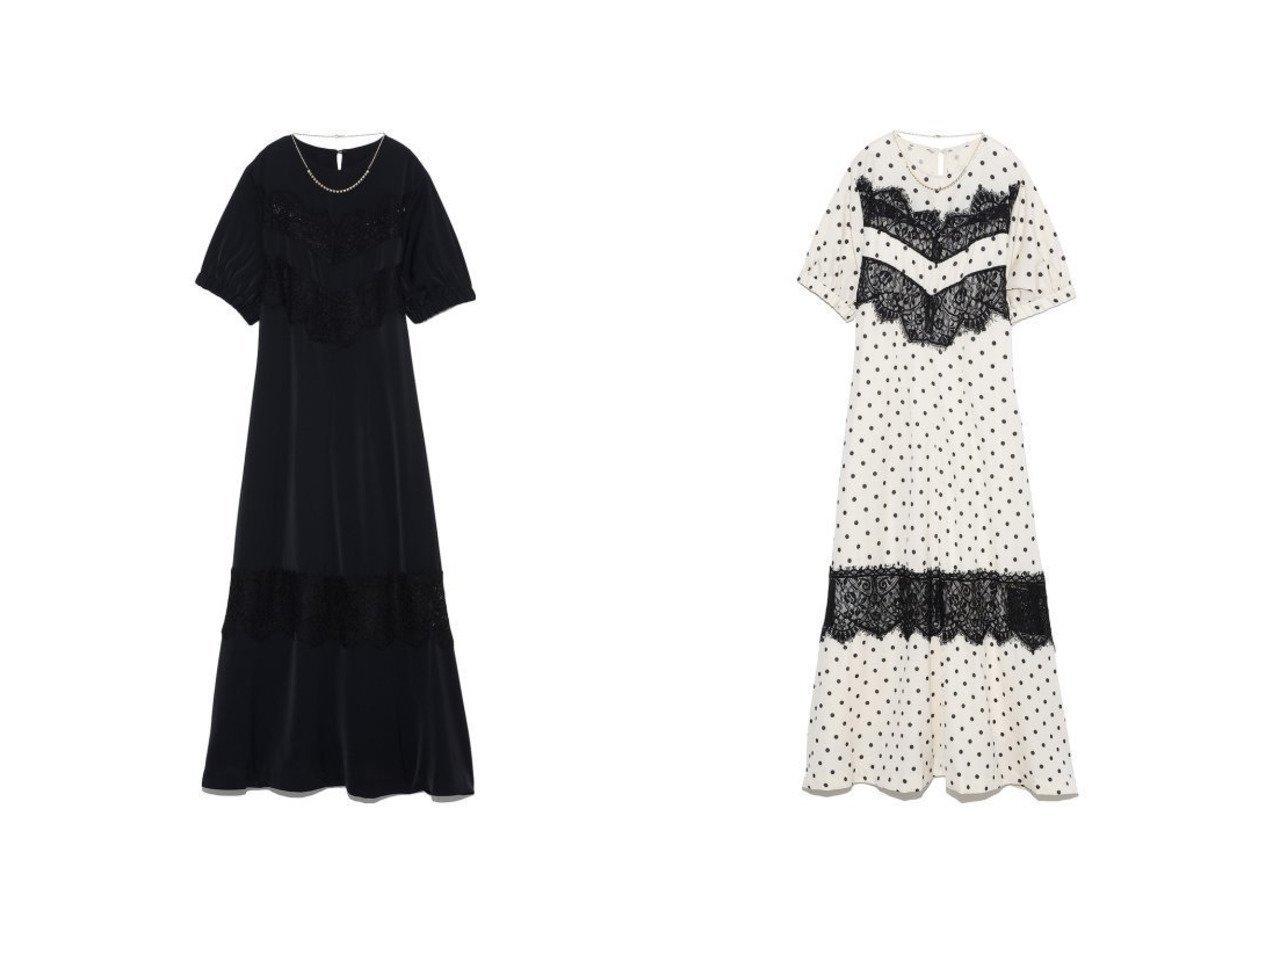 【Lily Brown/リリーブラウン】のL.B CANDY STOCK ビジューチェーン付ワンピース 【ワンピース・ドレス】おすすめ!人気、トレンド・レディースファッションの通販  おすすめで人気の流行・トレンド、ファッションの通販商品 メンズファッション・キッズファッション・インテリア・家具・レディースファッション・服の通販 founy(ファニー) https://founy.com/ ファッション Fashion レディースファッション WOMEN ワンピース Dress エアリー オケージョン スマート デニム ドット ネックレス バランス フィット リボン レース おすすめ Recommend  ID:crp329100000028251